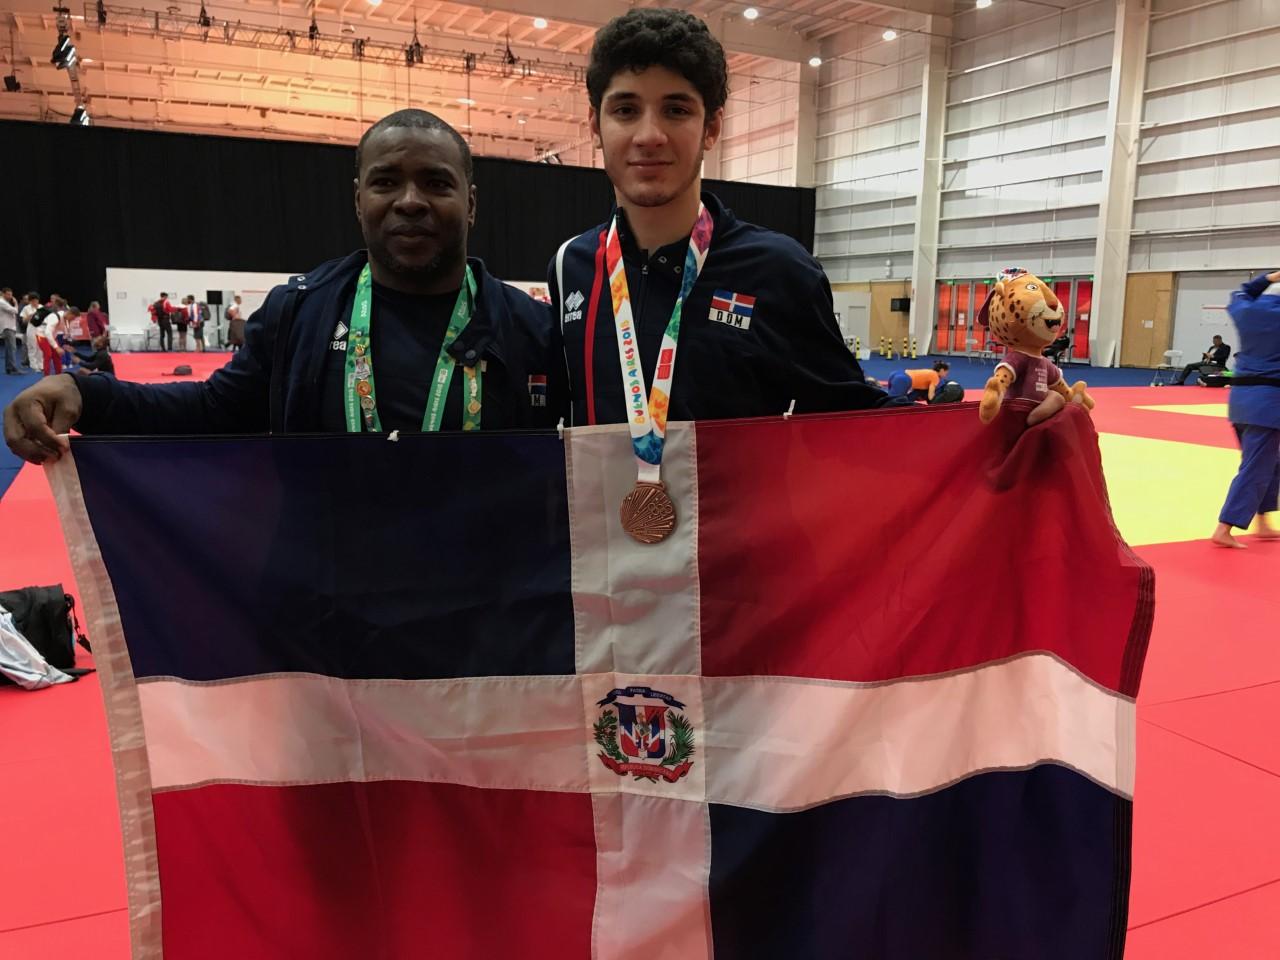 """Antonio Tornal: """"Tengo el sueño de ser campeón olímpico"""""""